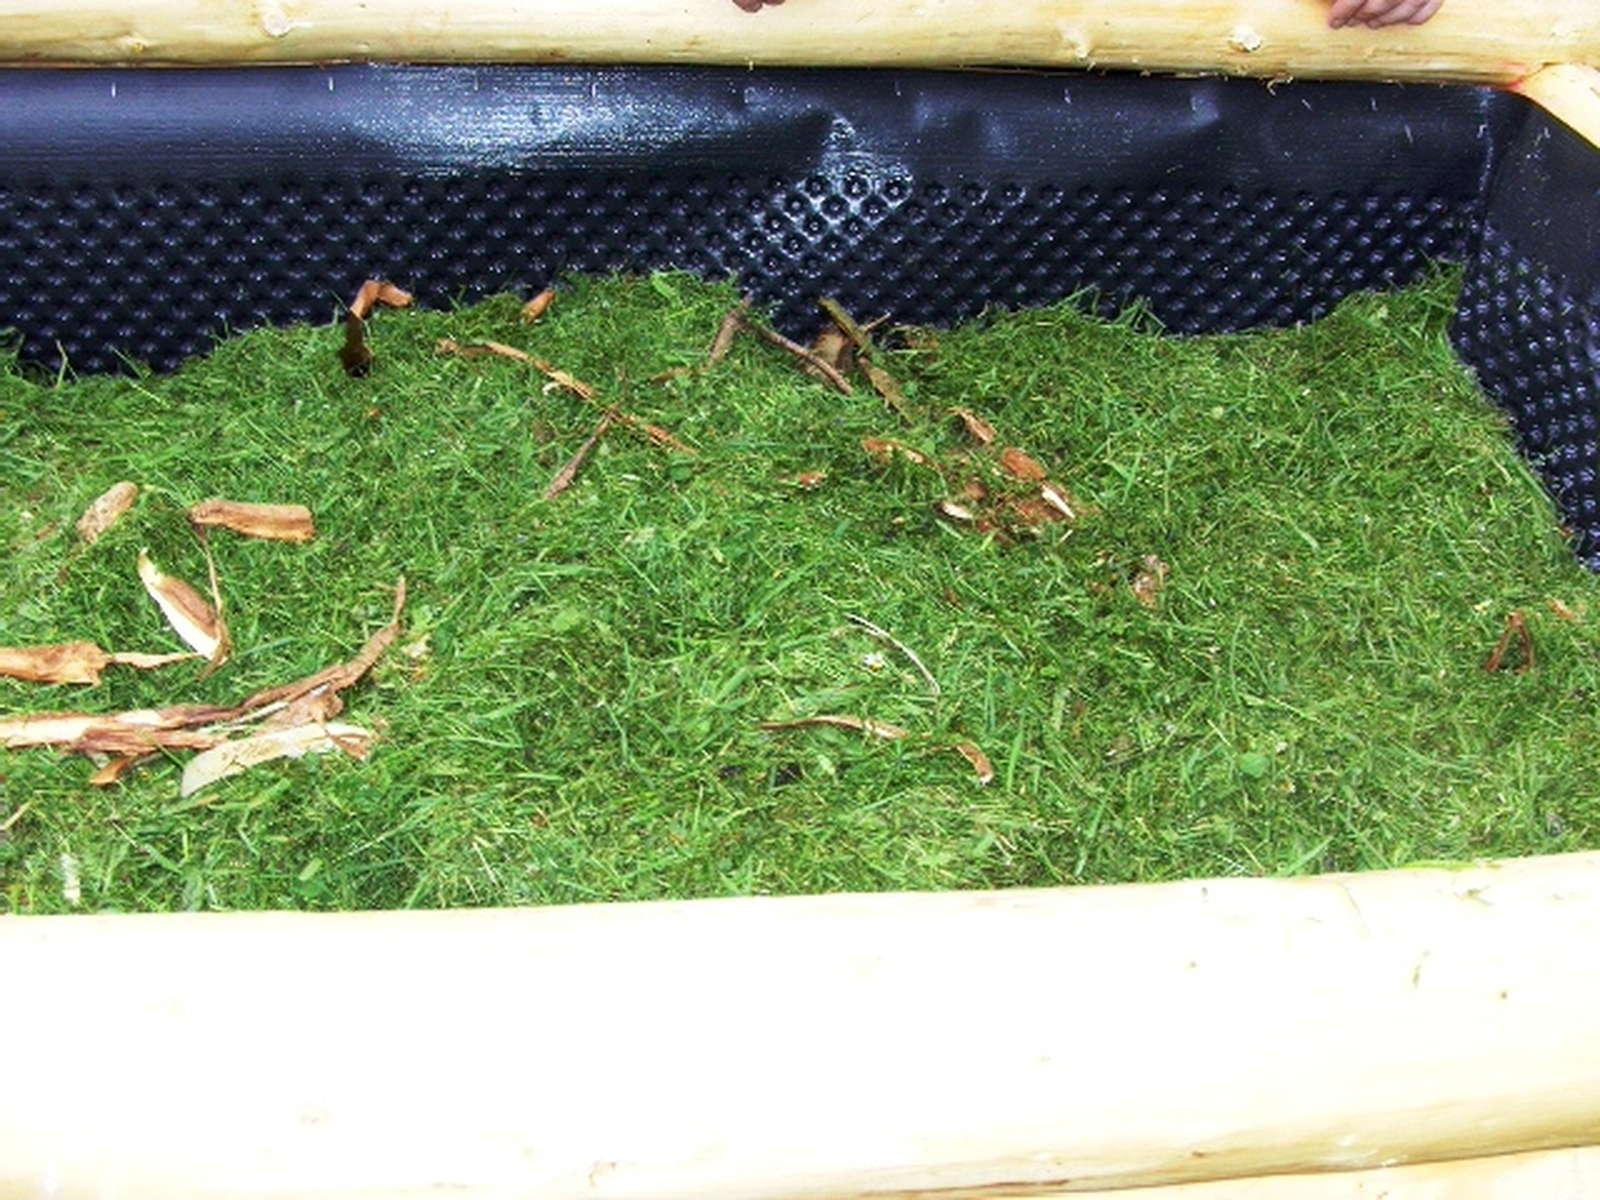 Befüllung Hochbeet hochbeet befüllen anleitung expertentipps plantura